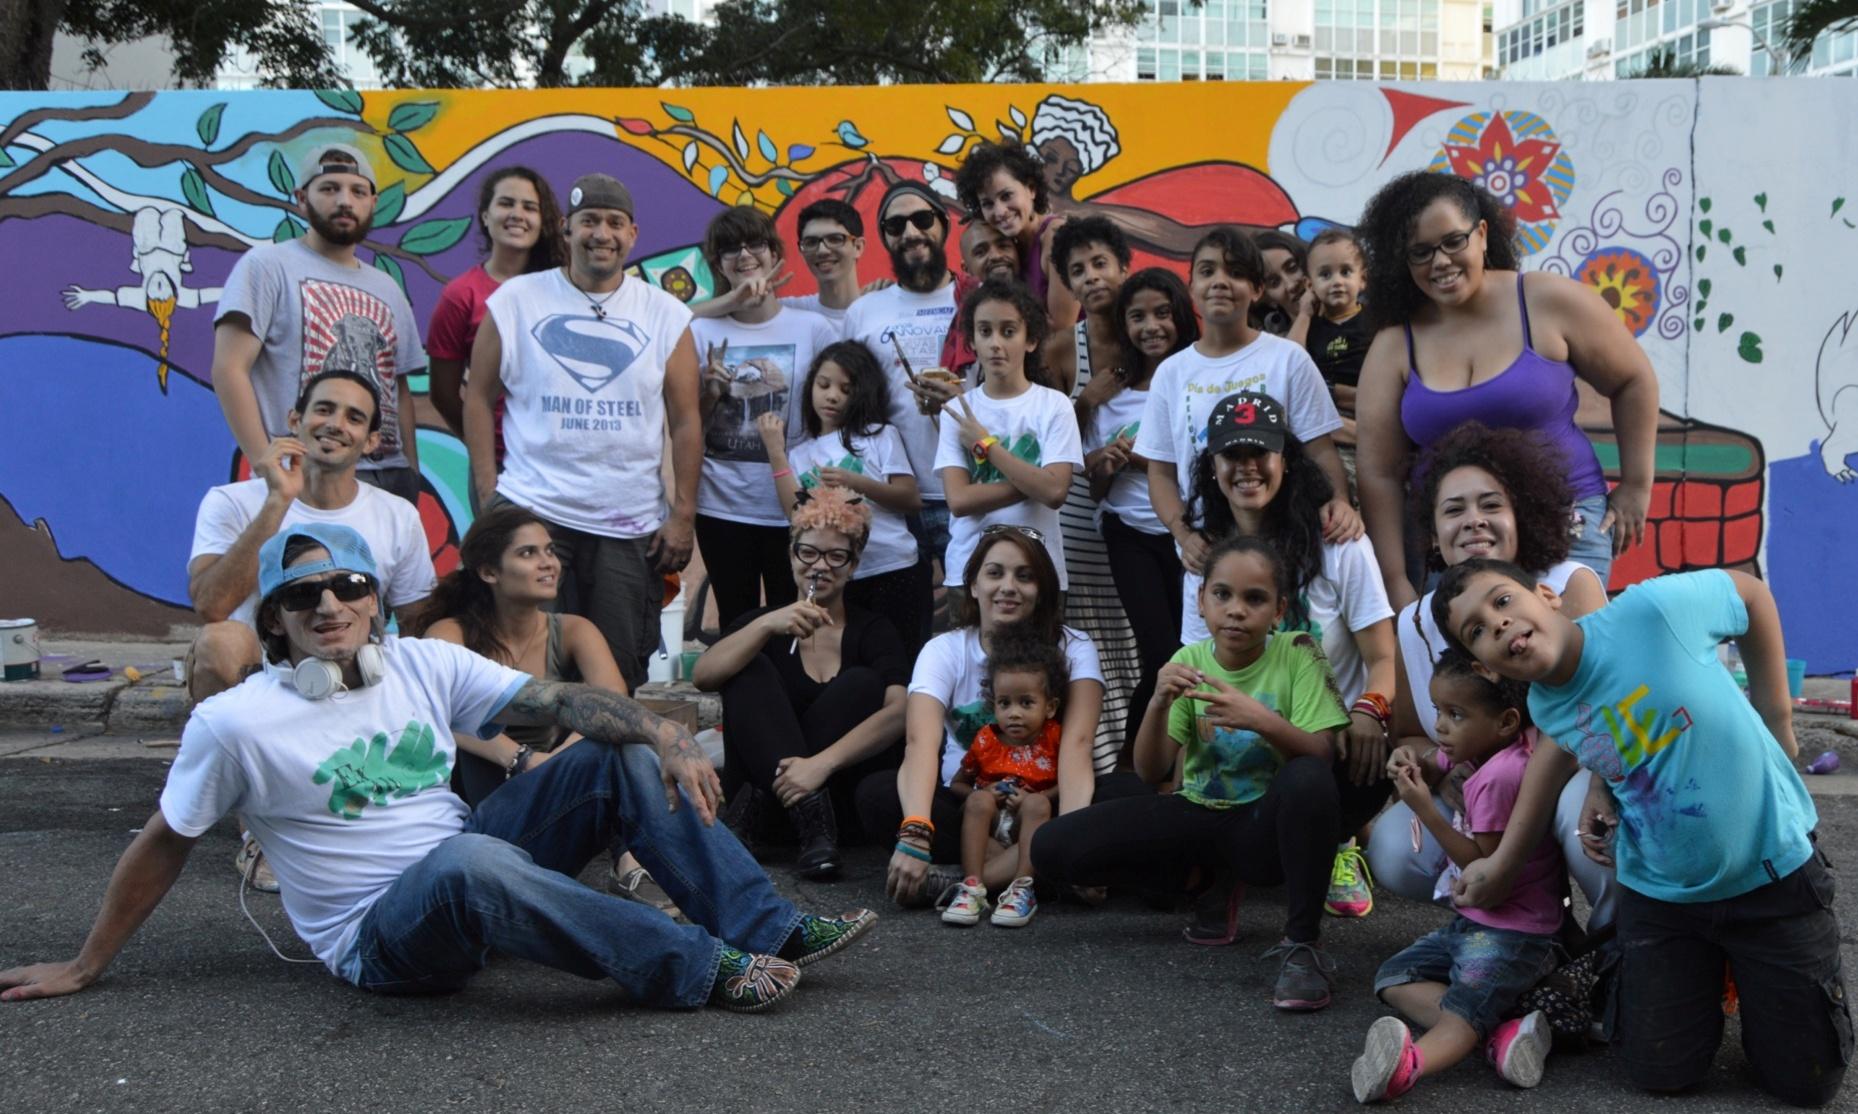 Miembros de la coumidad riopedrense compartieron la experiencia de la creación del mural ideado por Alex Aldarondo Jiménez. (Foto Alina Marrero para Fundación Nacional para la Cultura Poipular)